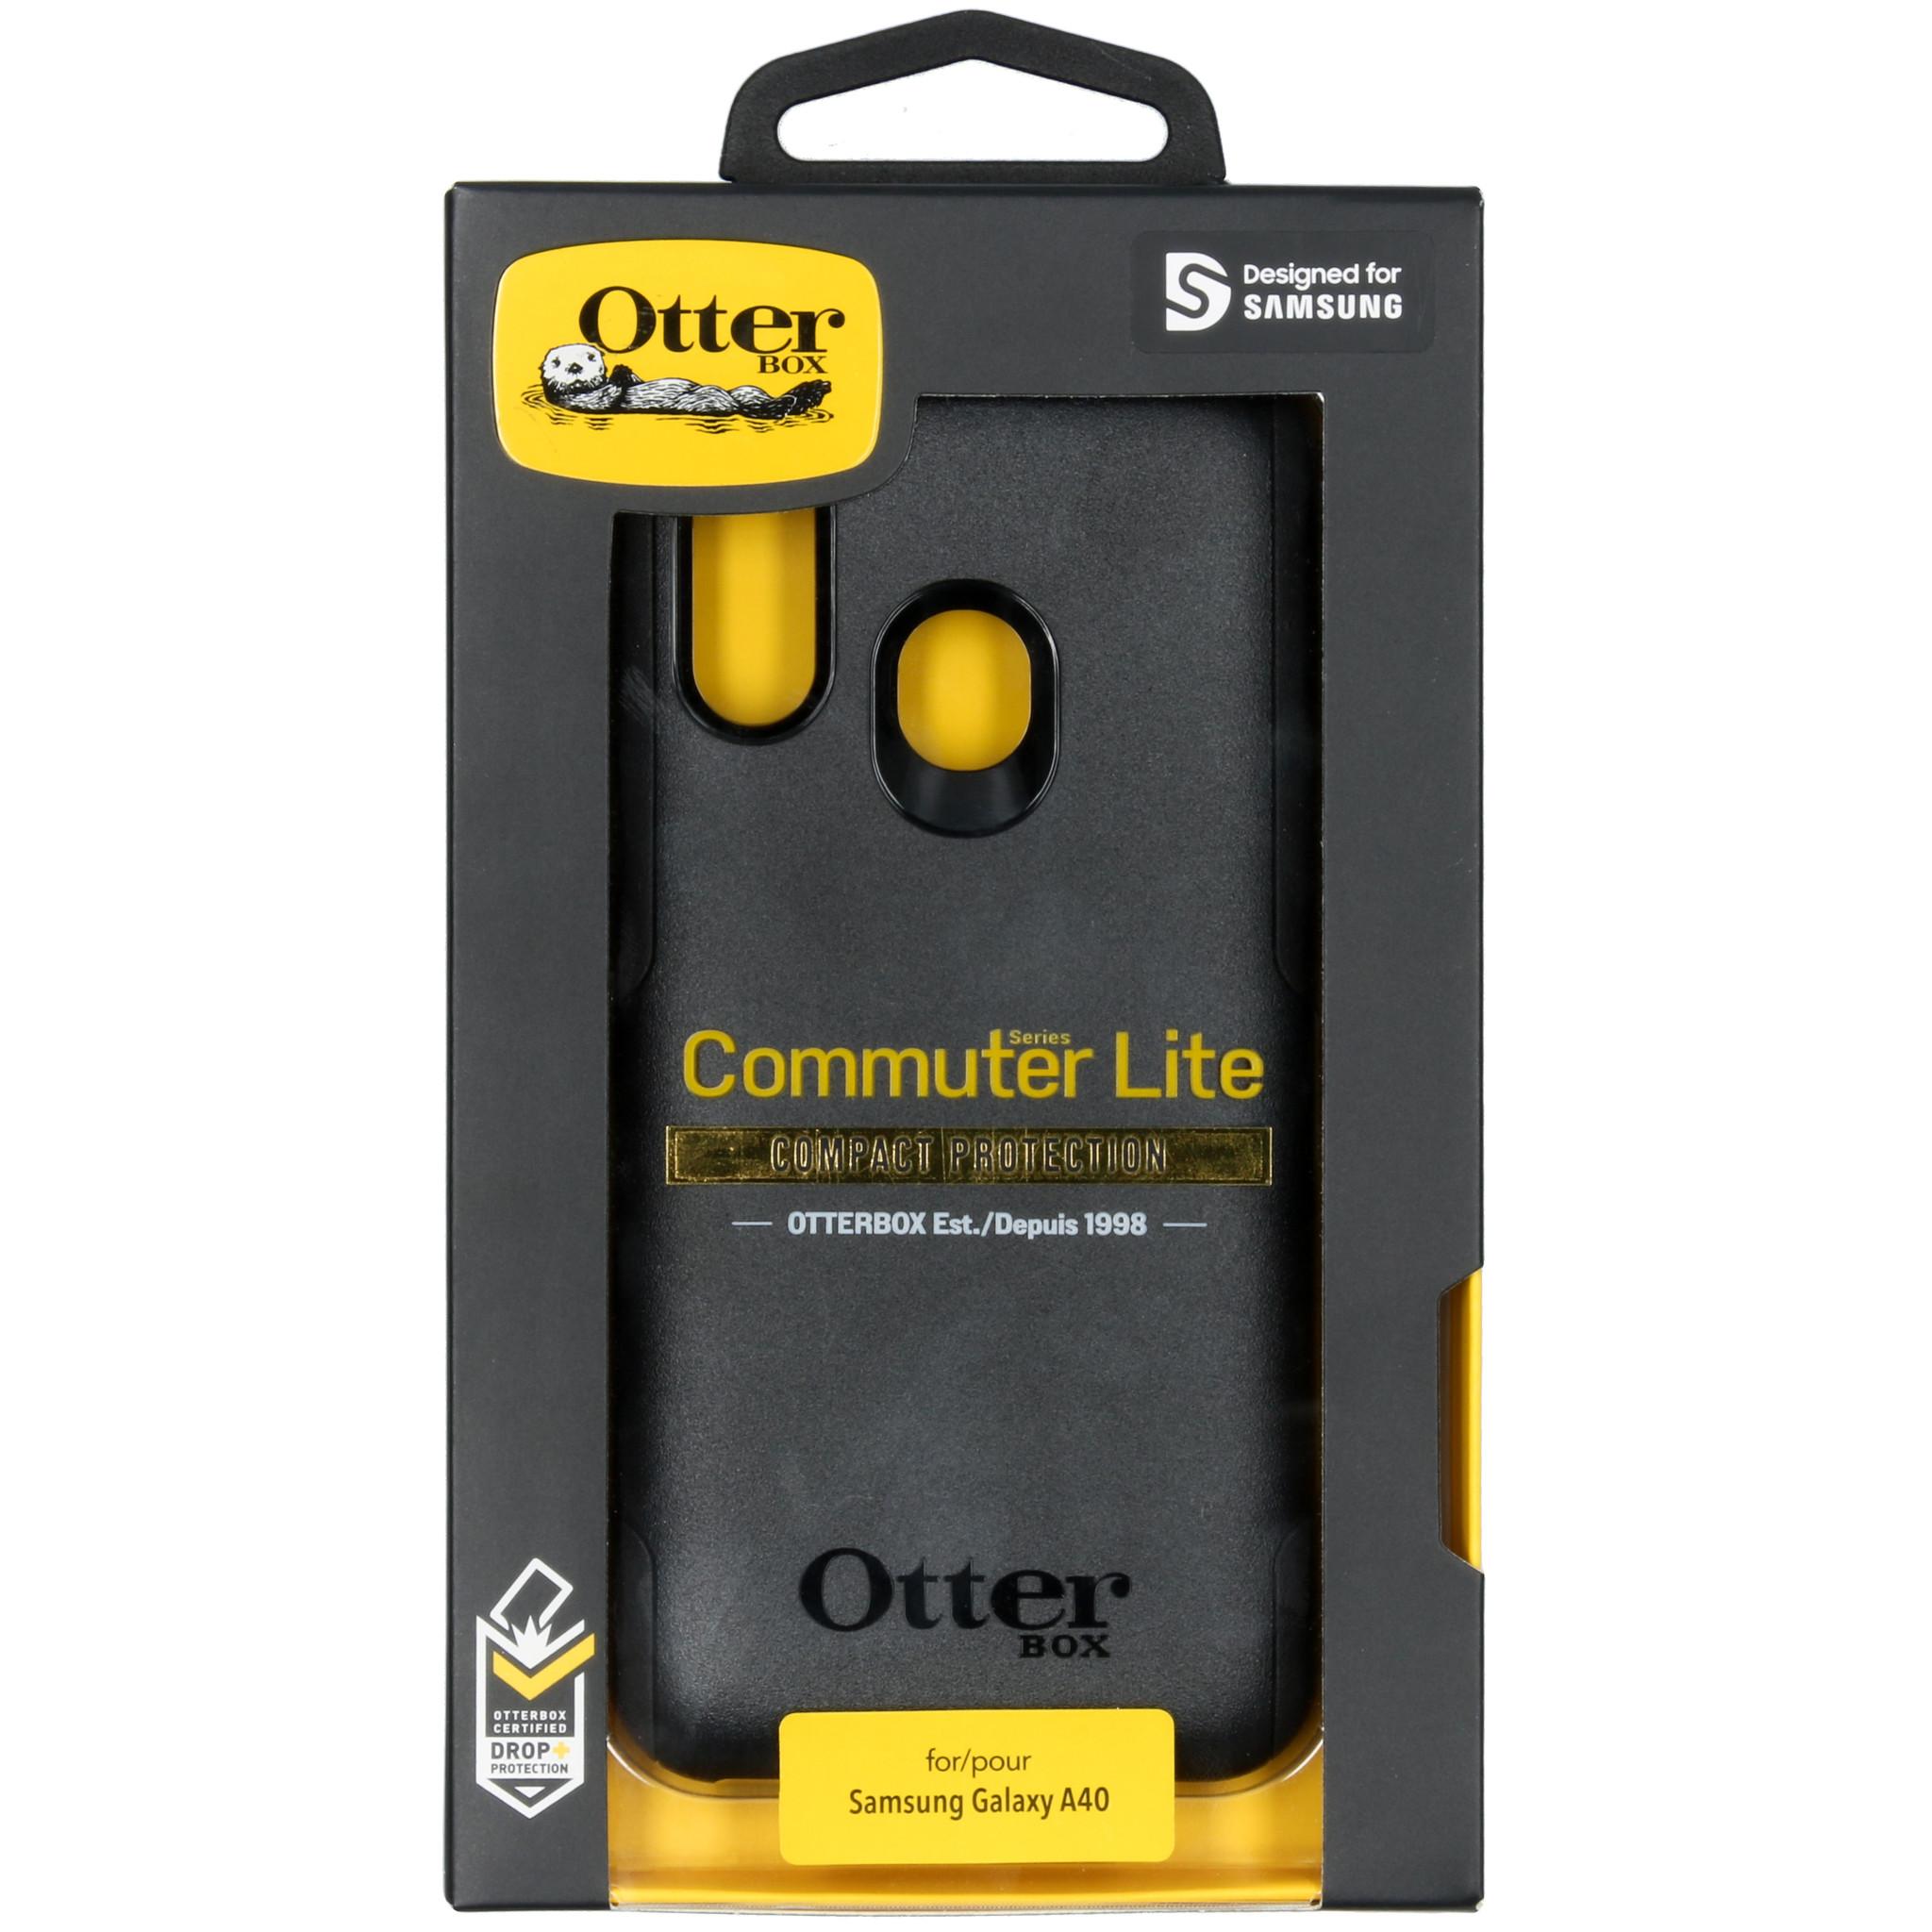 OtterBox Commuter Lite Backcover voor de Samsung Galaxy A40 - Zwart